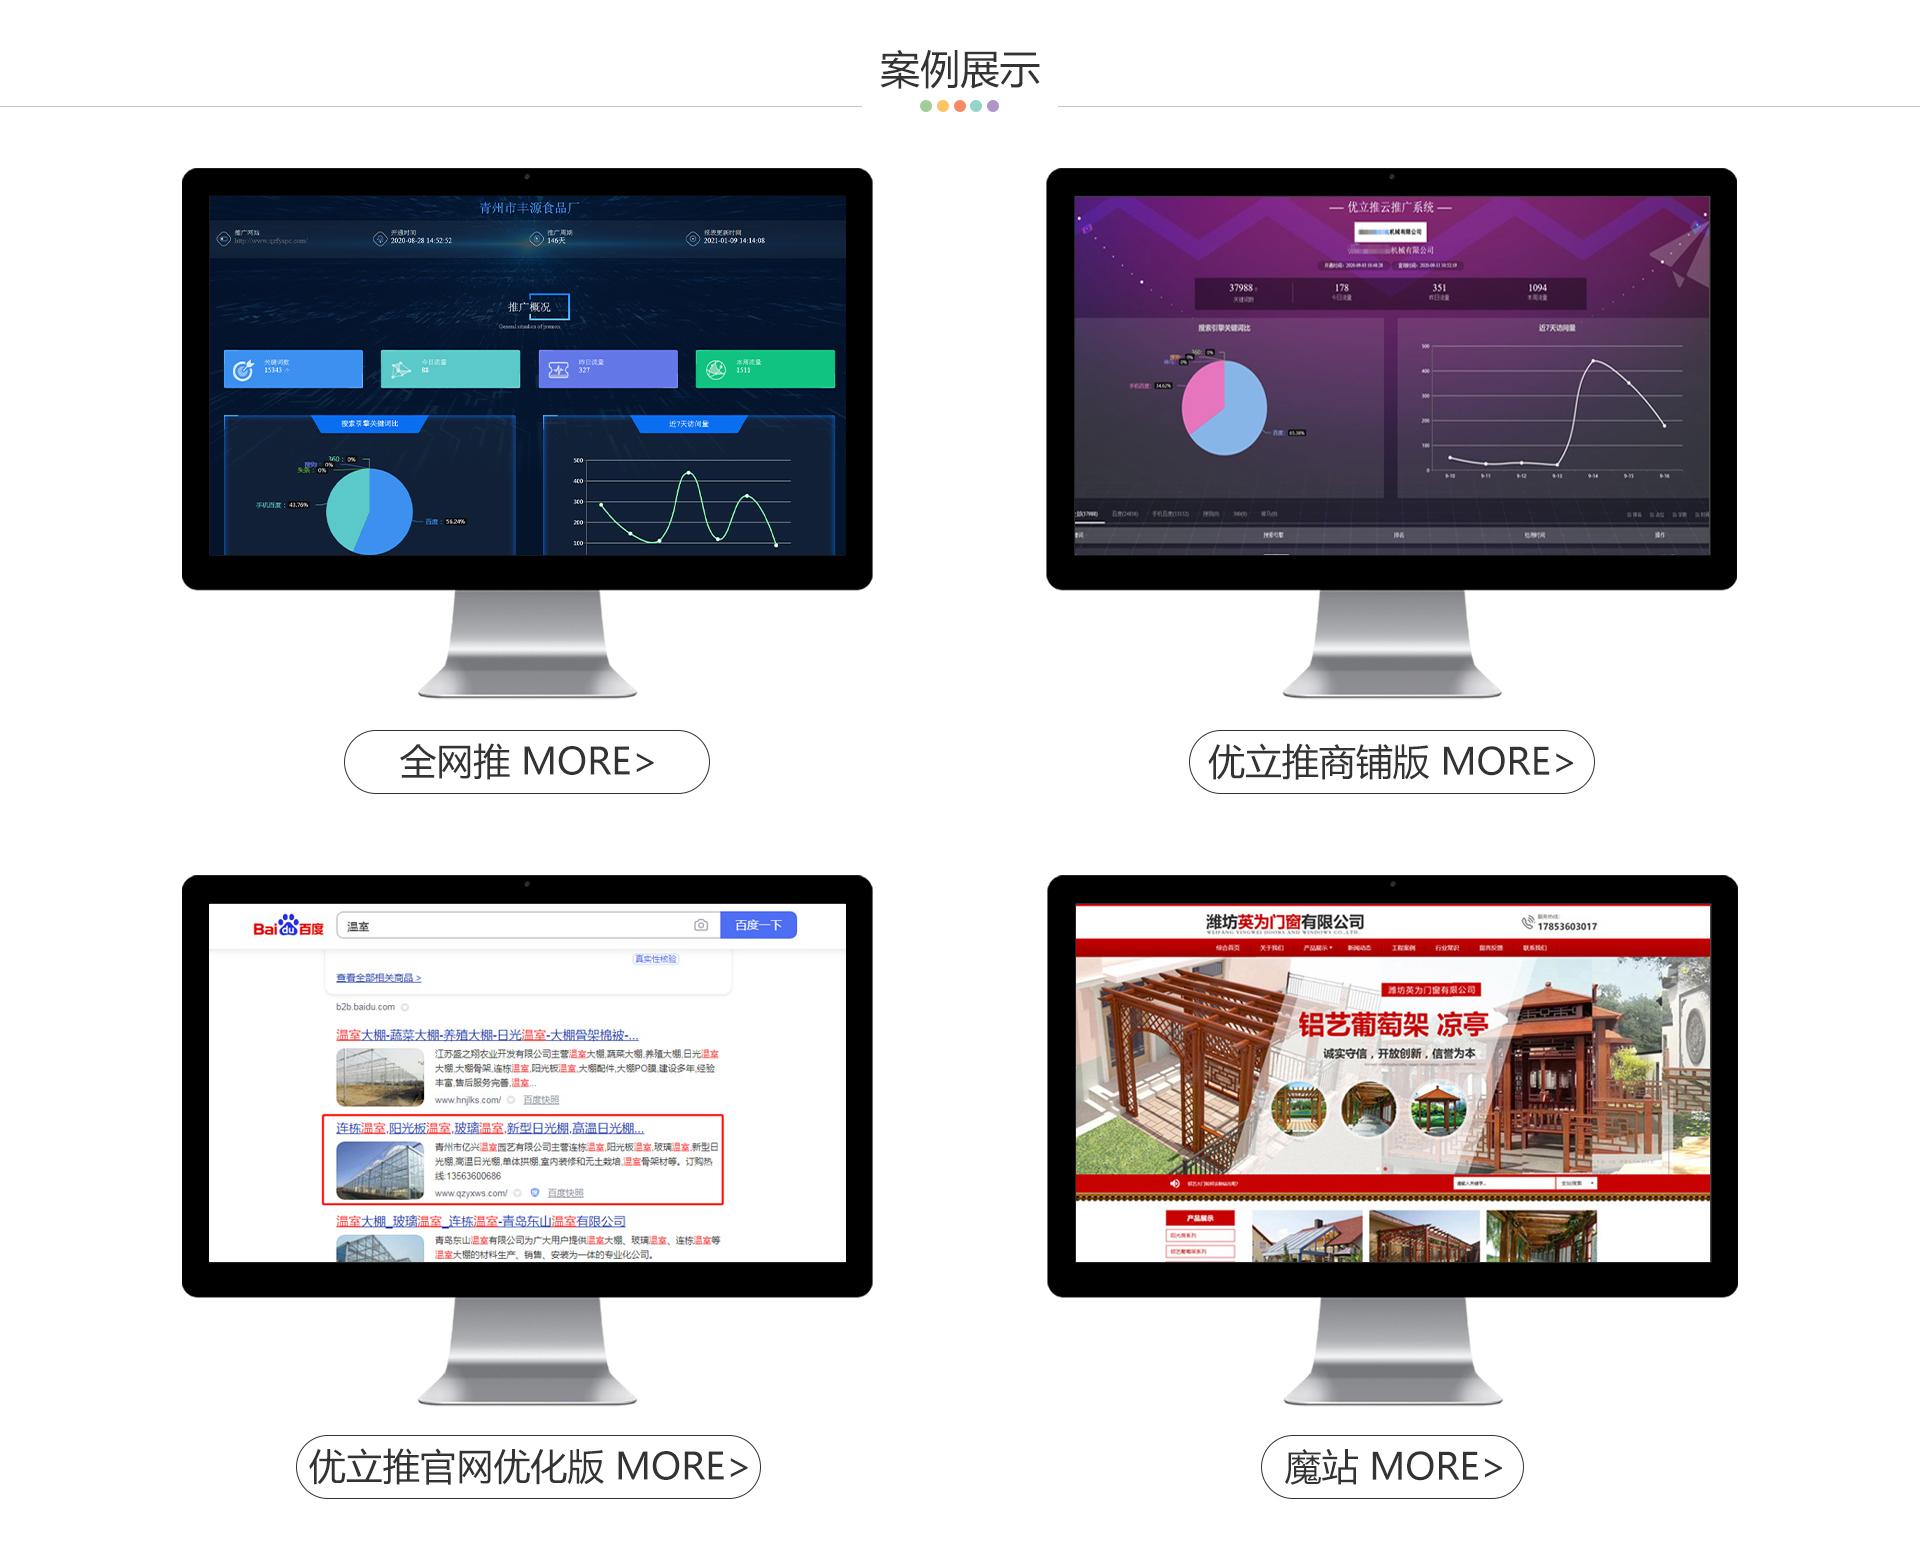 山东全网推网络科技有限公司案例展示